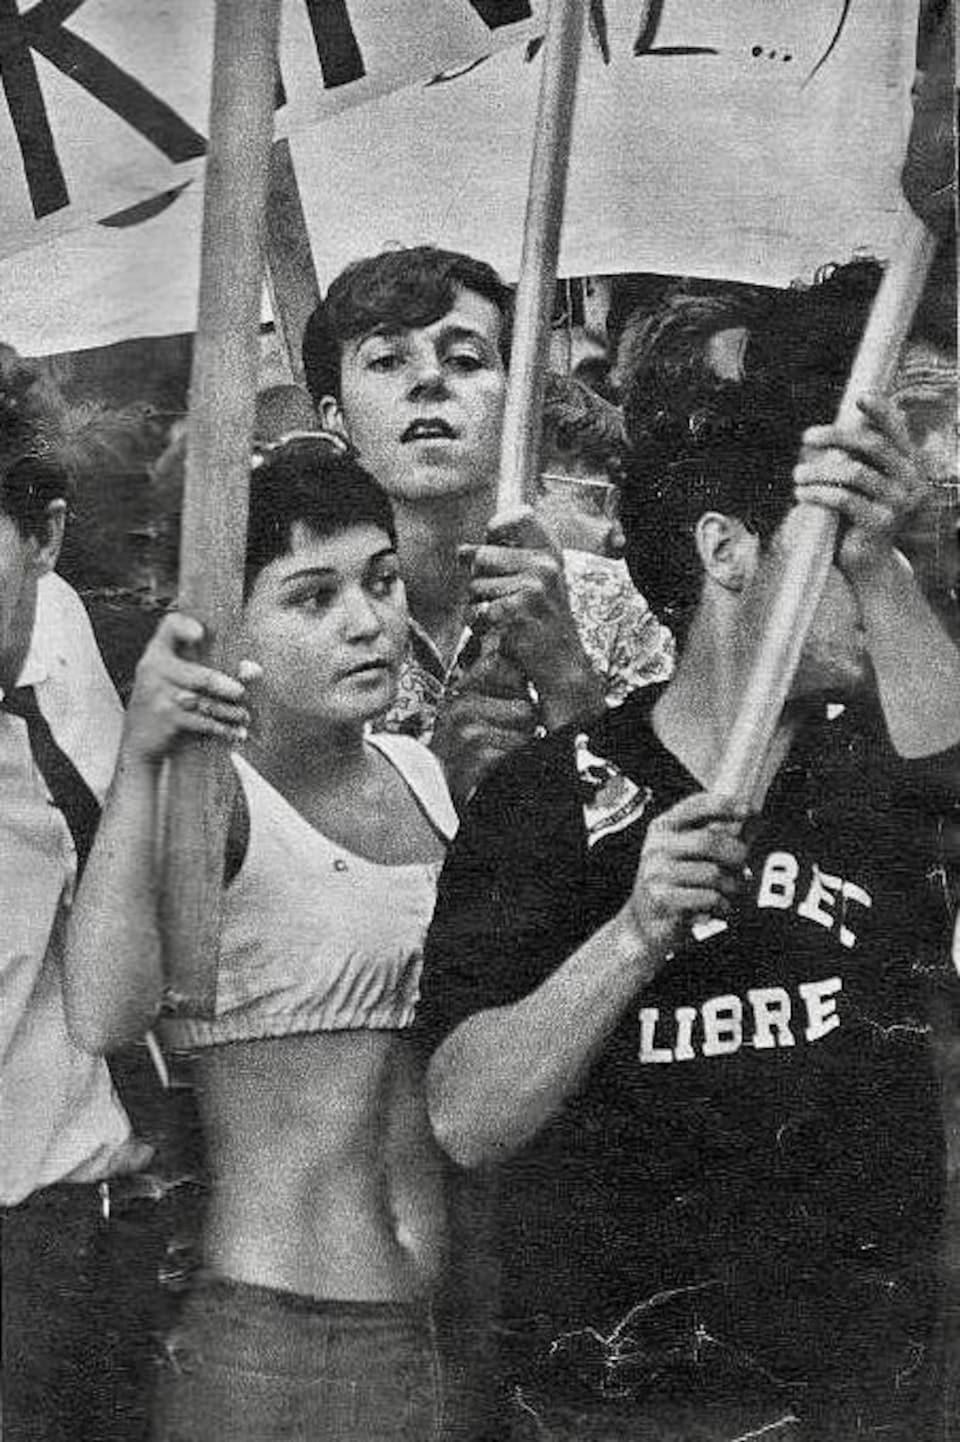 Jocelyne Robert au milieu d'une foule brandit une pancarte.